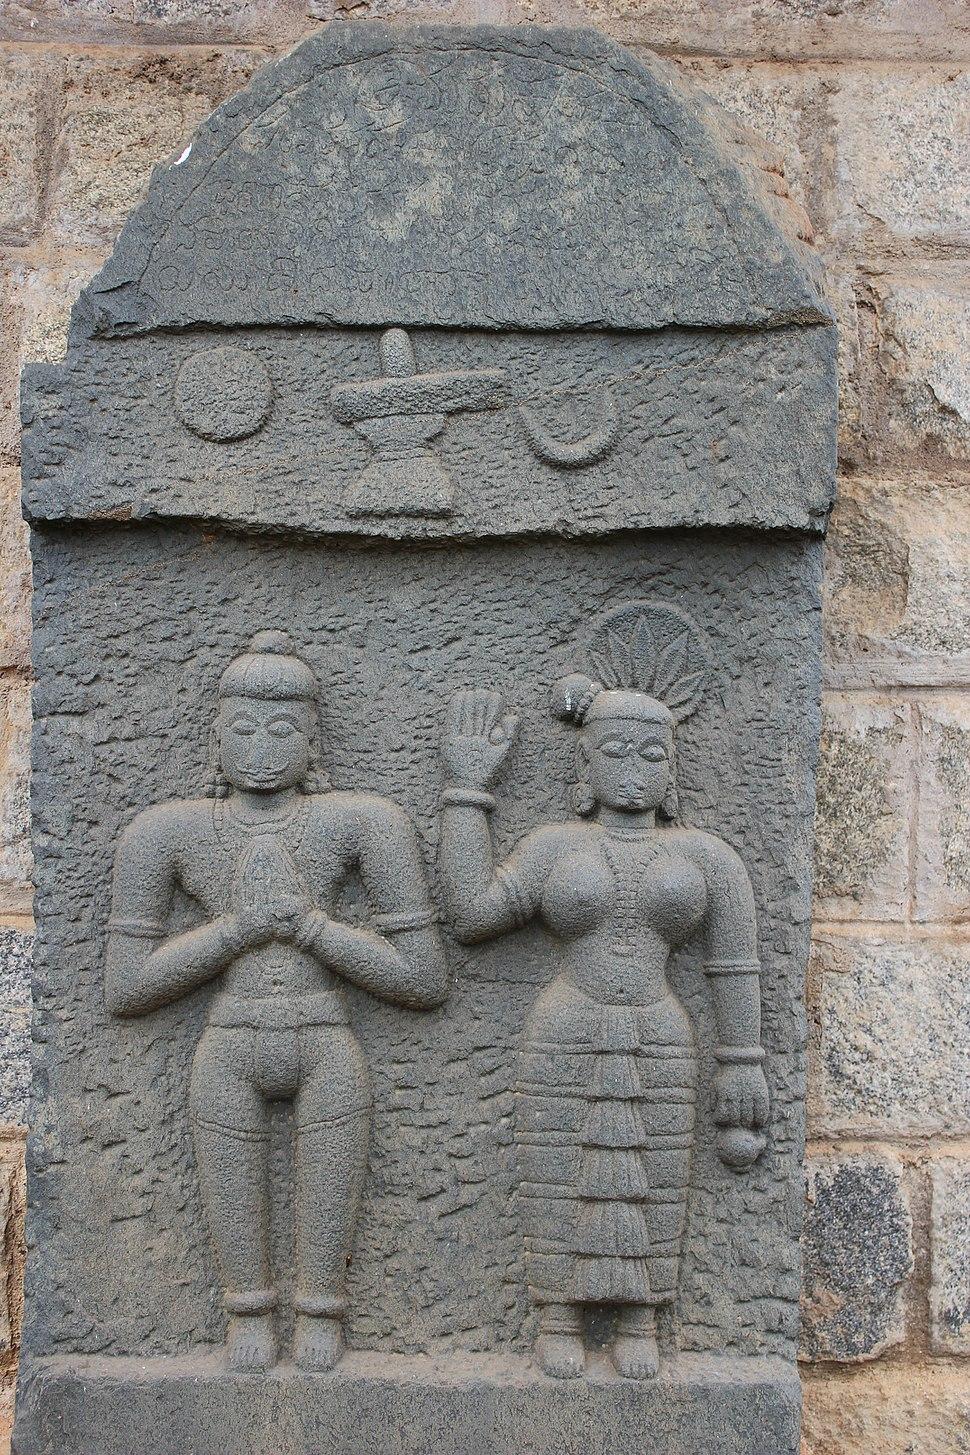 Satigal (sati stone) in Kedareshvara temple at Balligavi